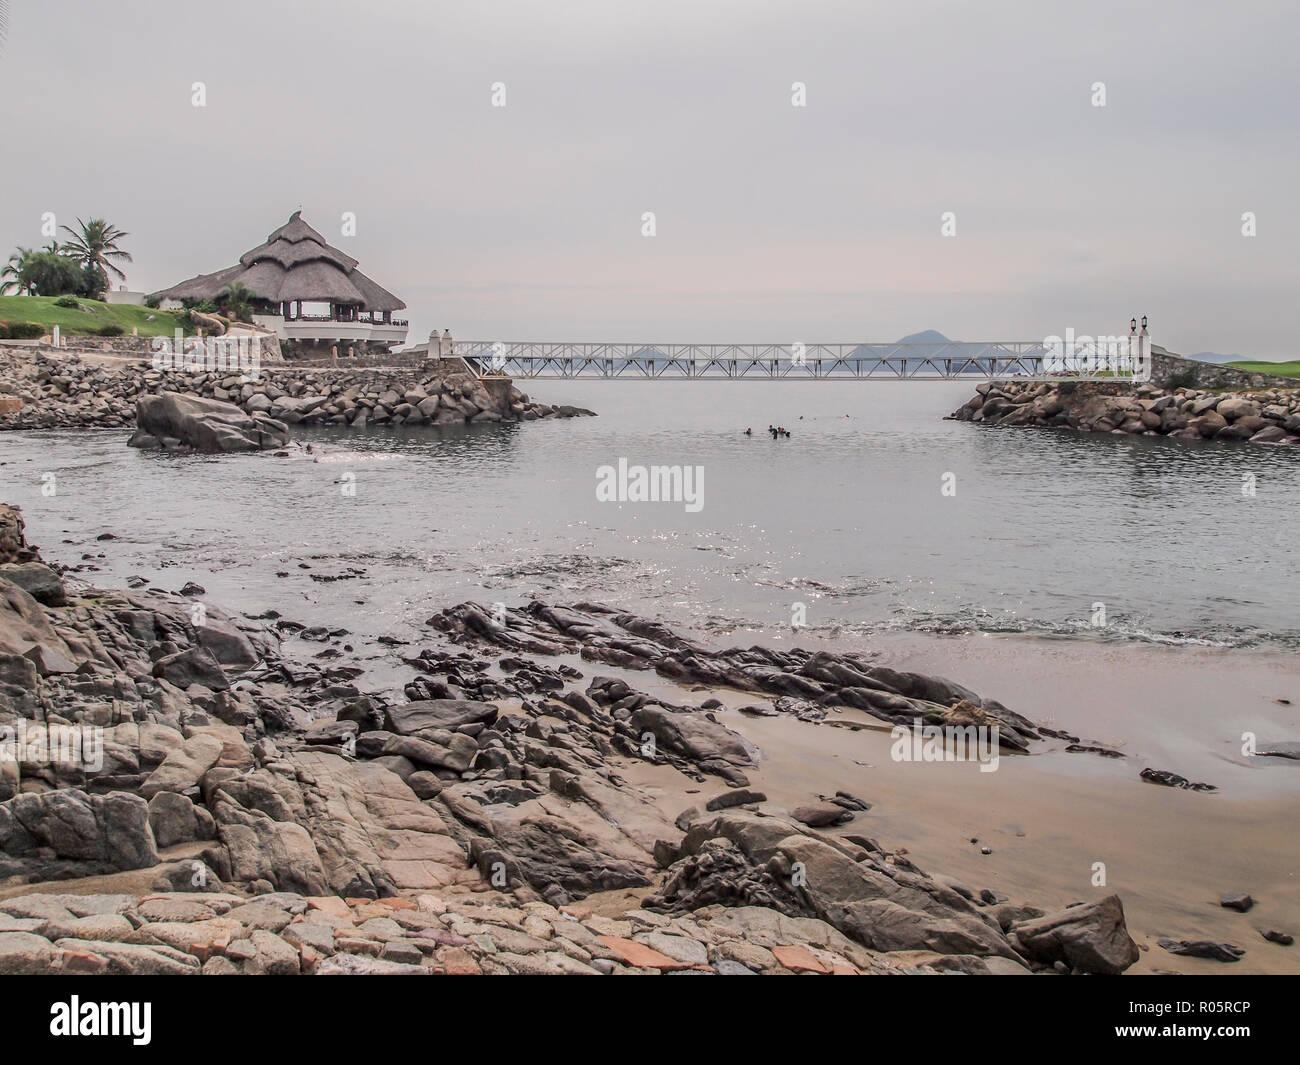 Increíbles Vistas De La Bahía Con Su Playa De Rocas Con Una